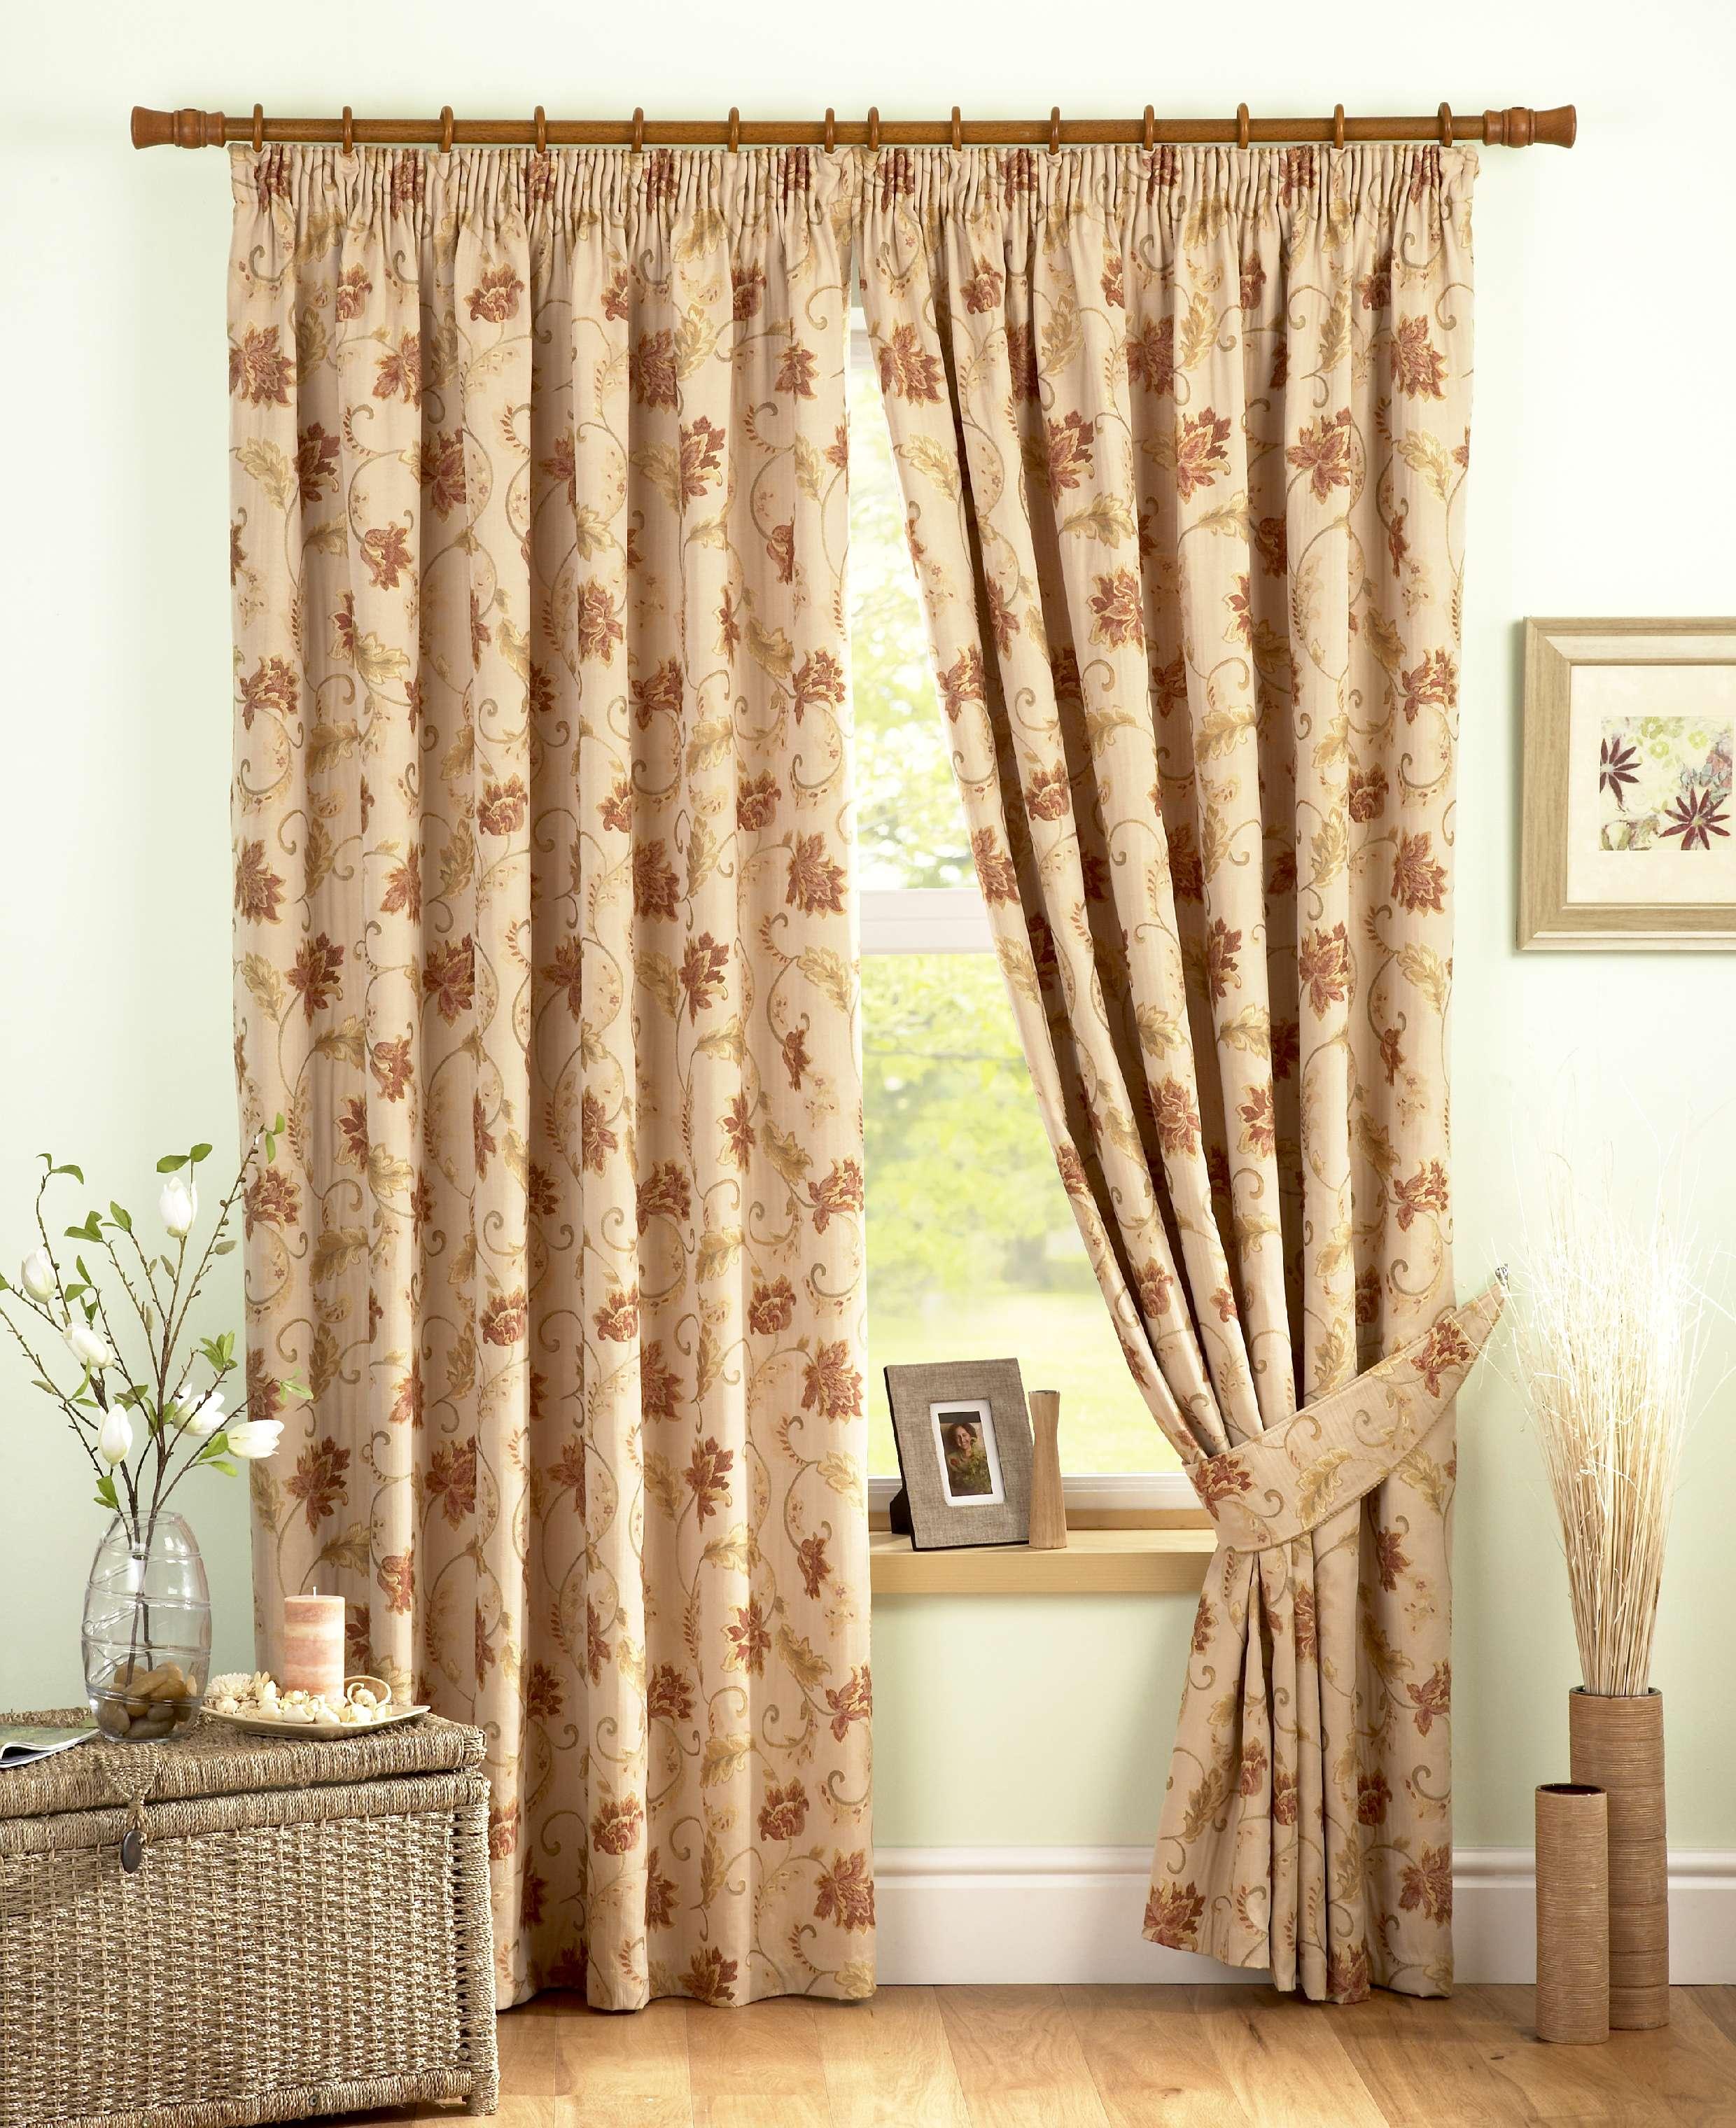 curtains online  Furniture Ideas  DeltaAngelGroup